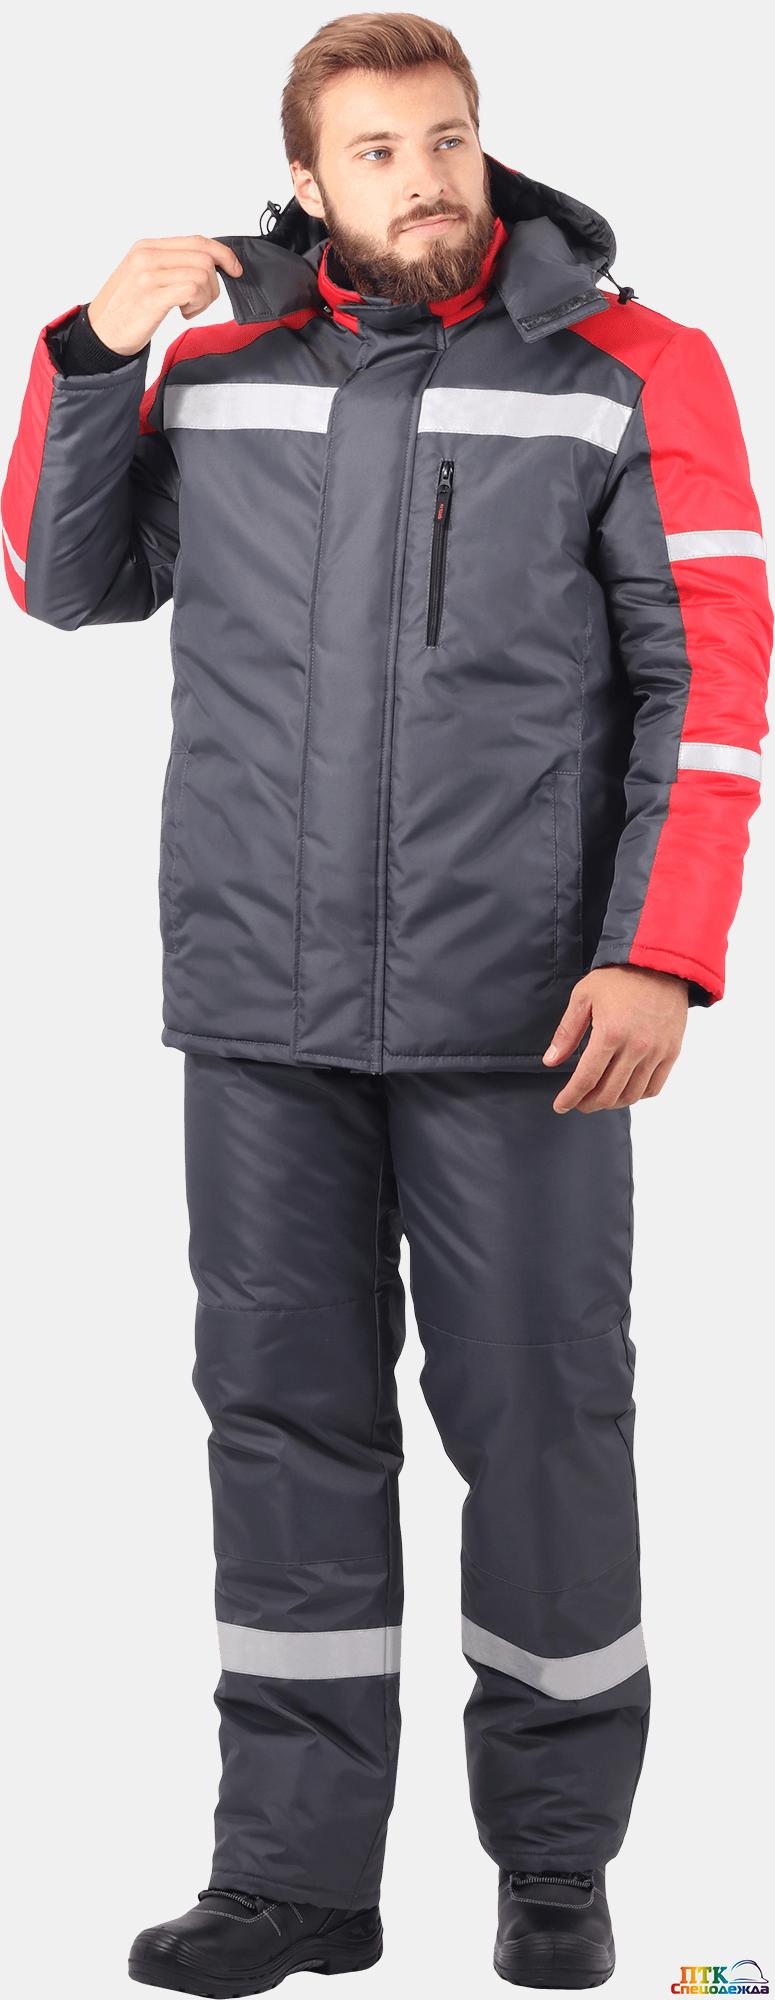 Куртка РОУД утеплённая, т/серый-красный